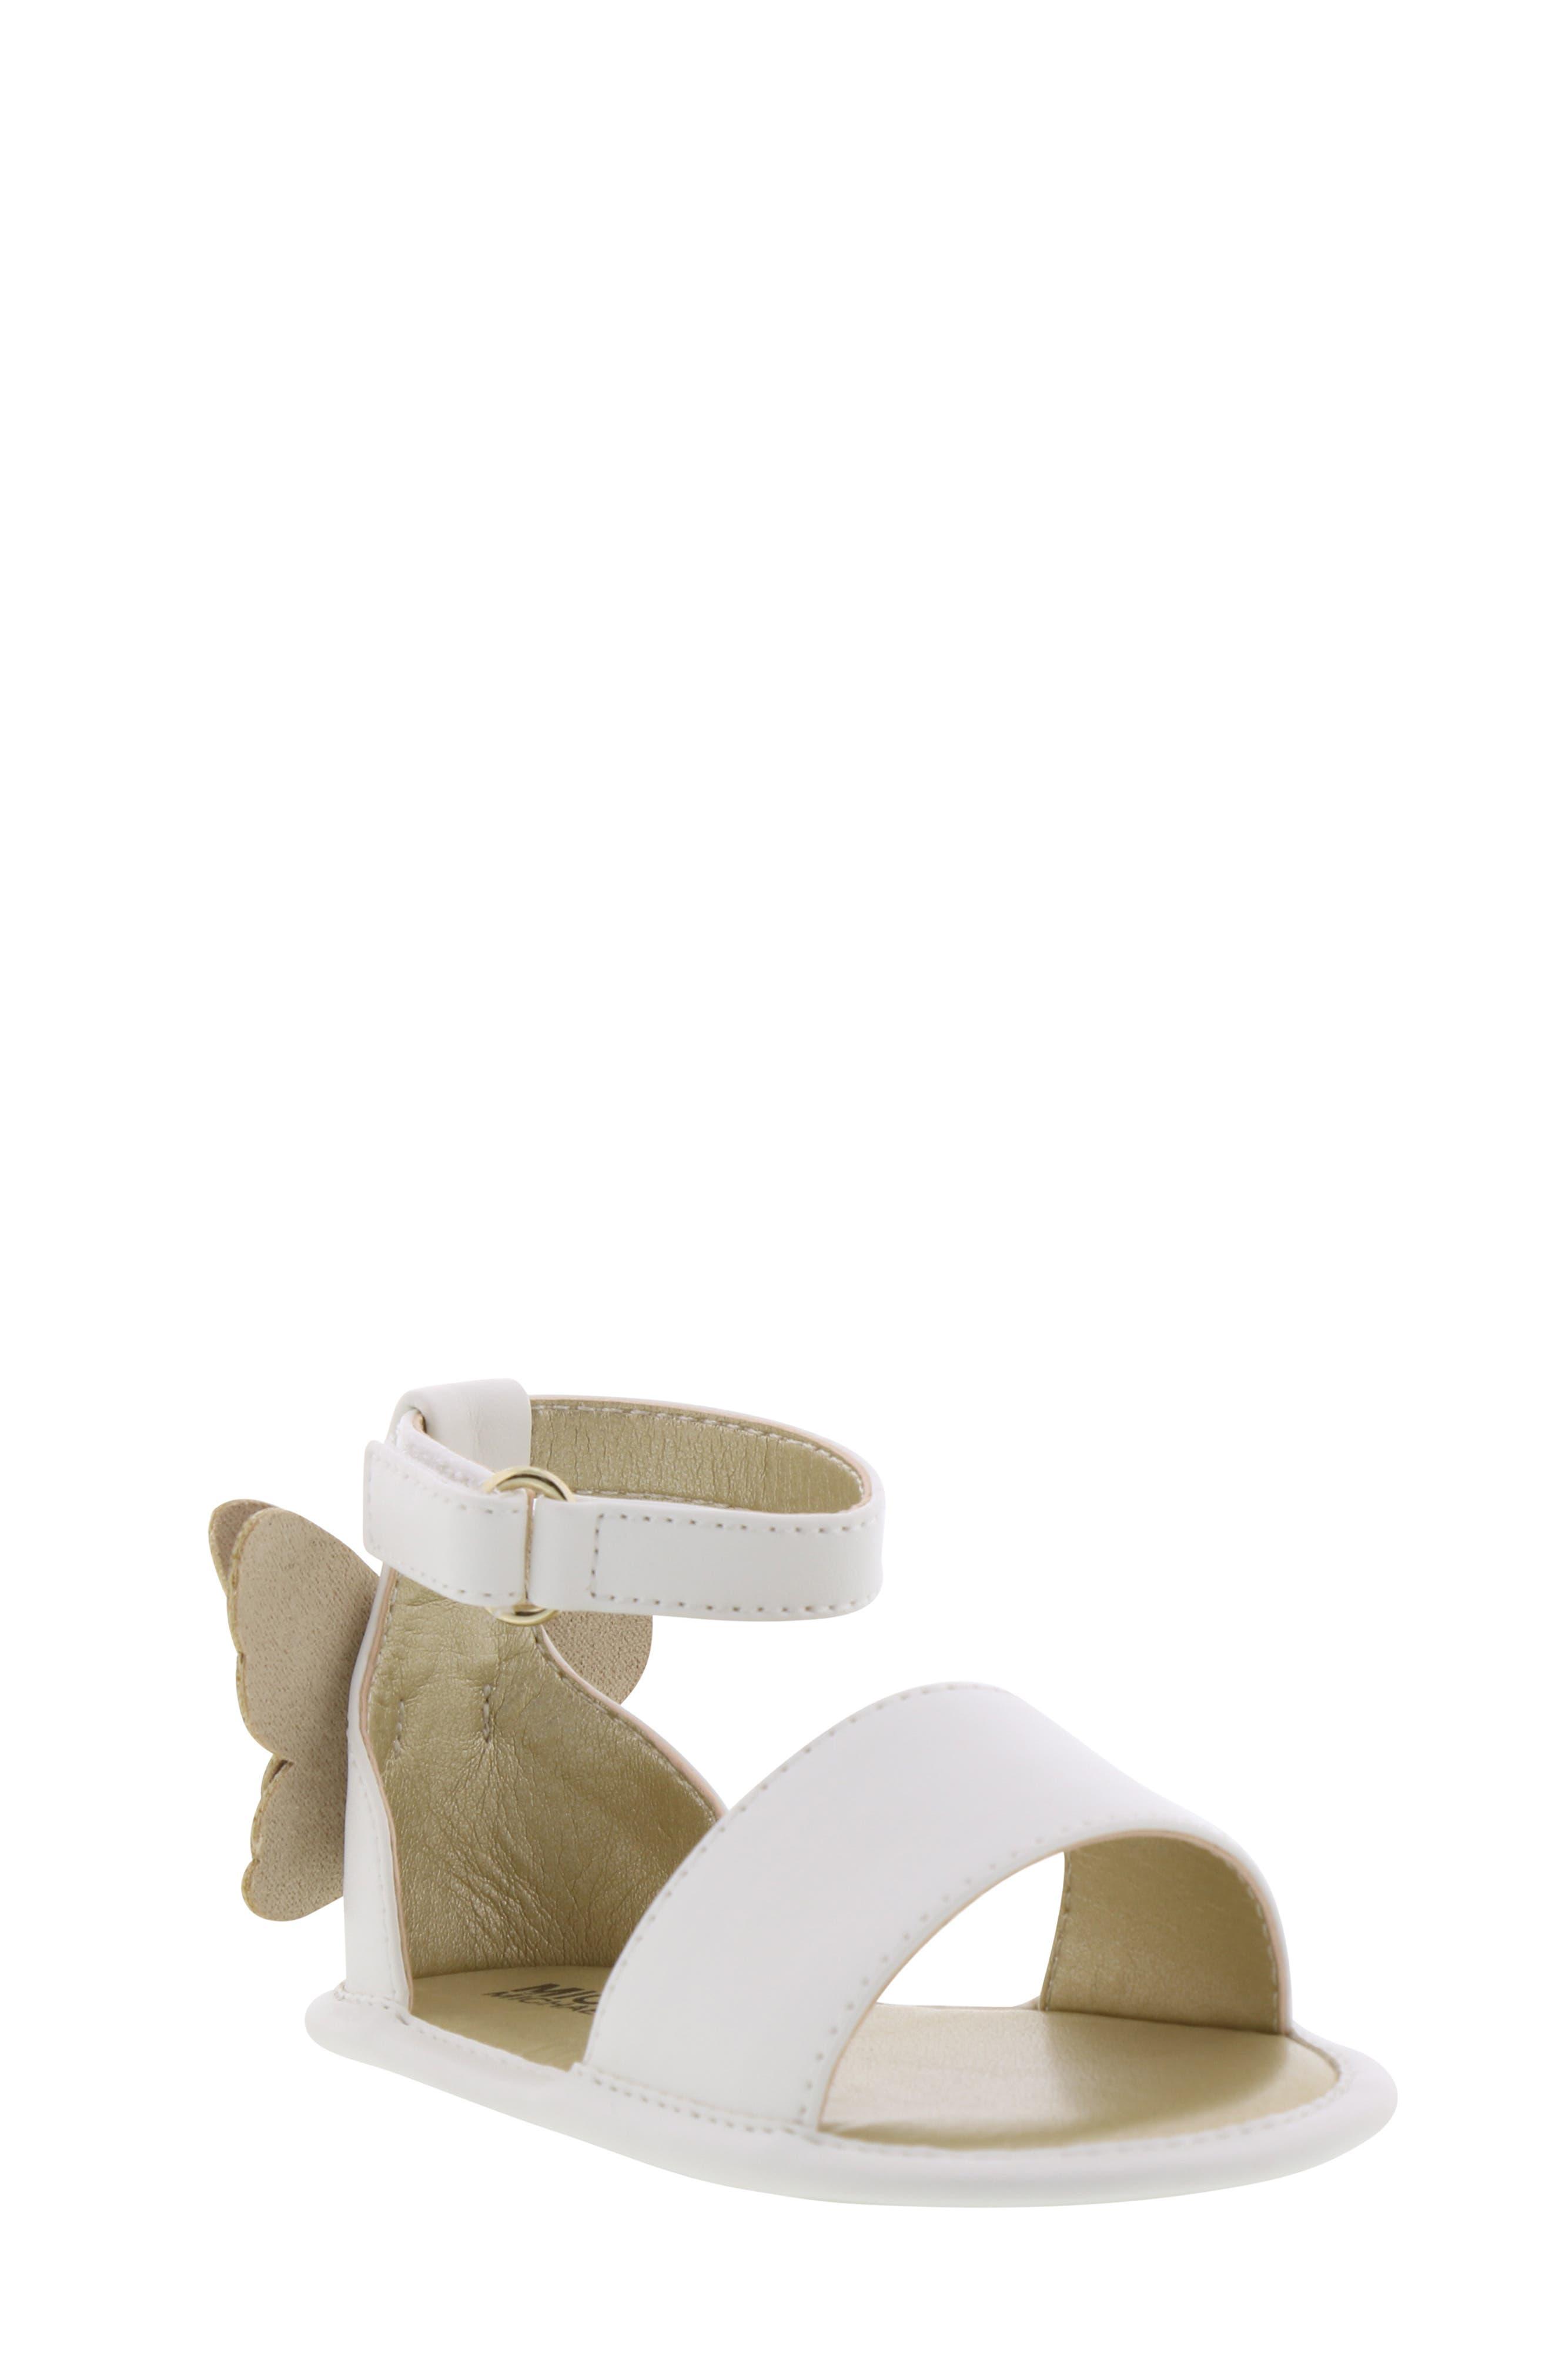 MICHAEL MICHAEL KORS Tilly Sansa Glitter Sandal, Main, color, WHITE